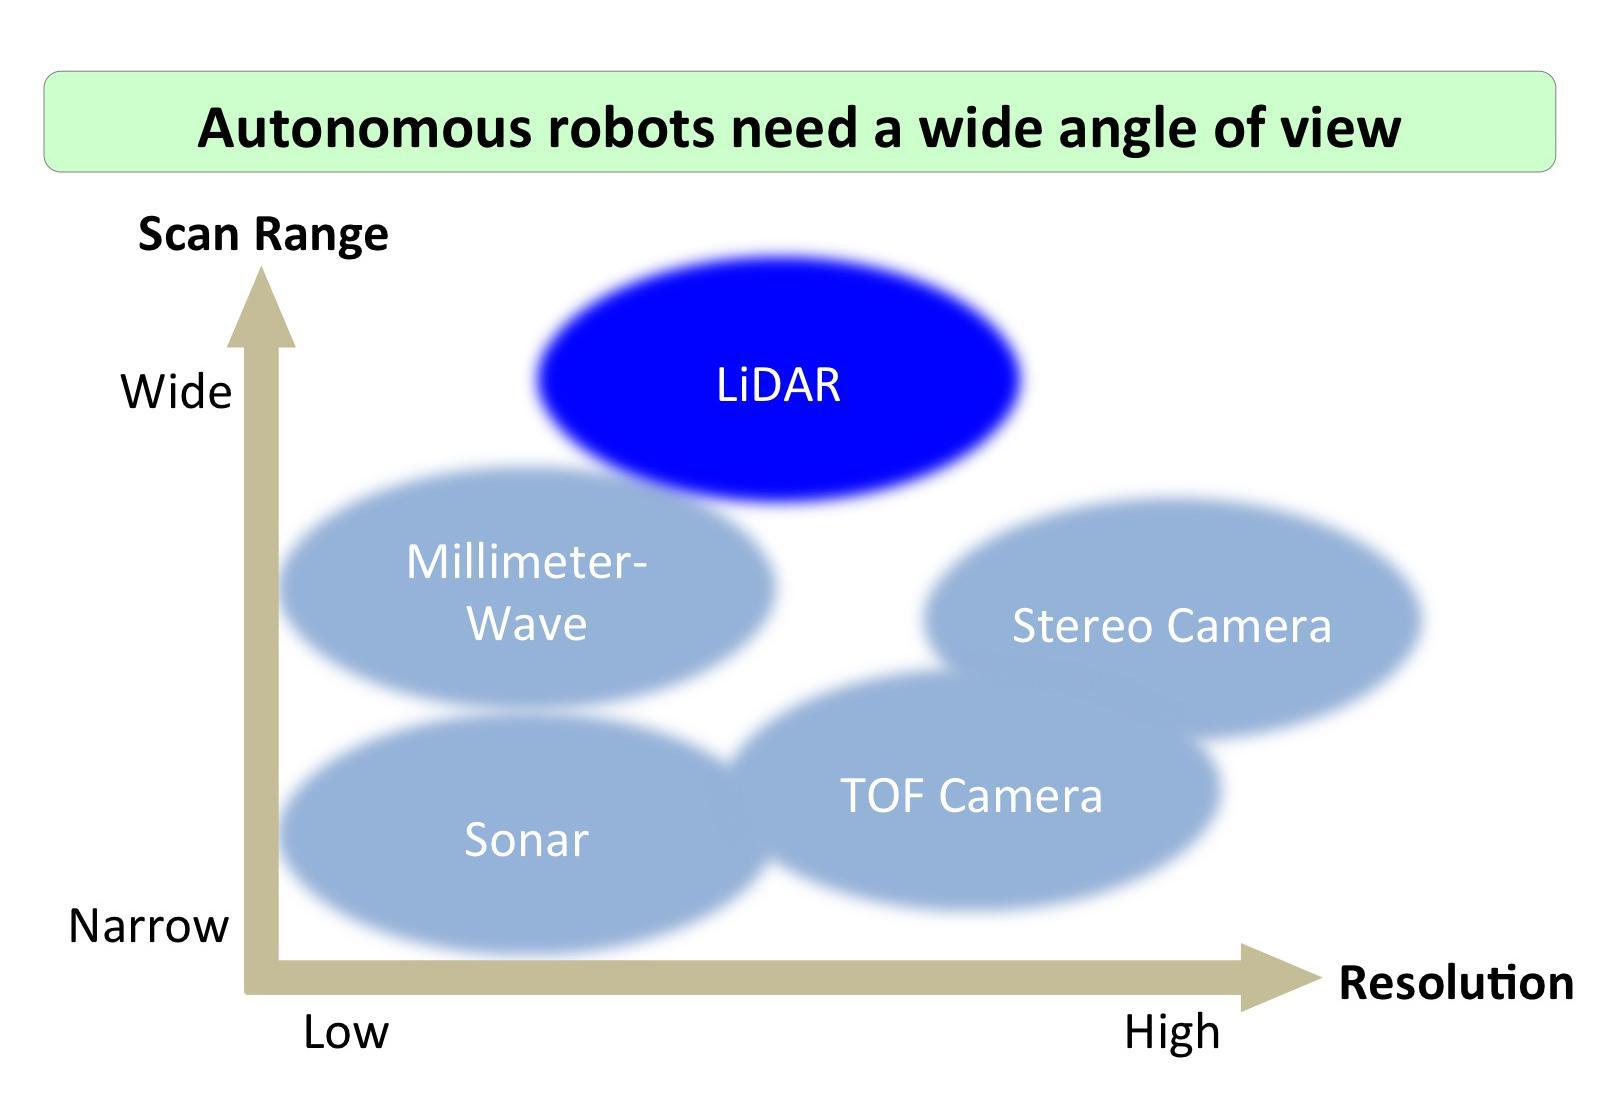 image: Autonomous robots' angle of view